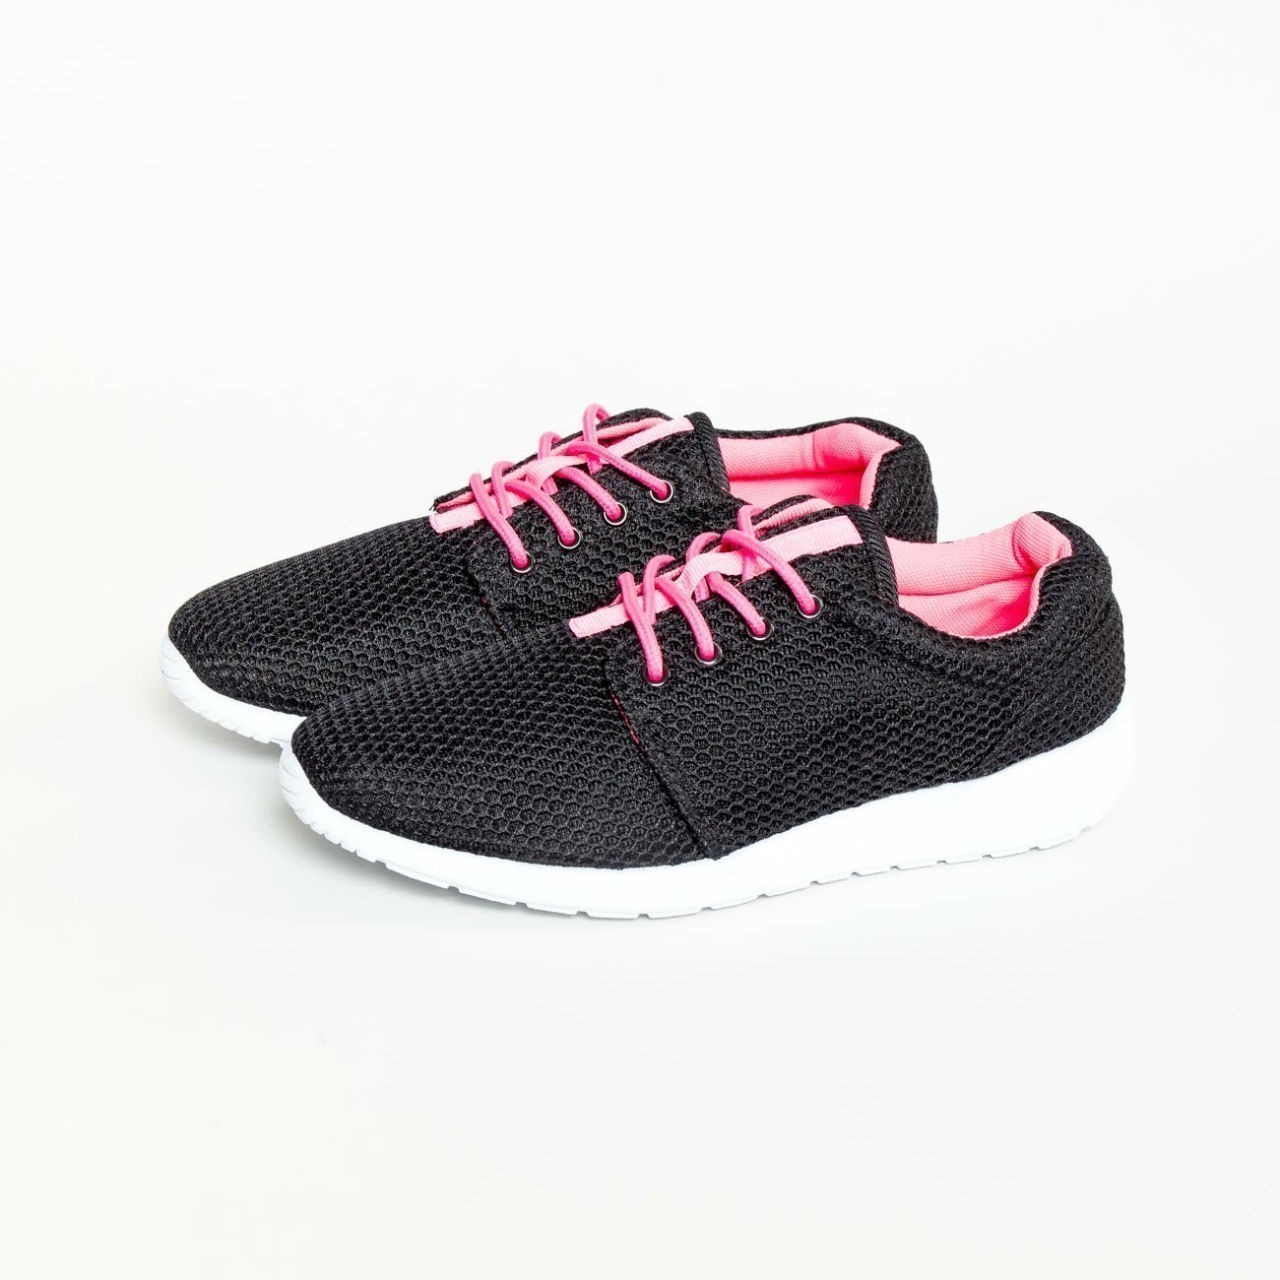 Černé sportovní boty - 36